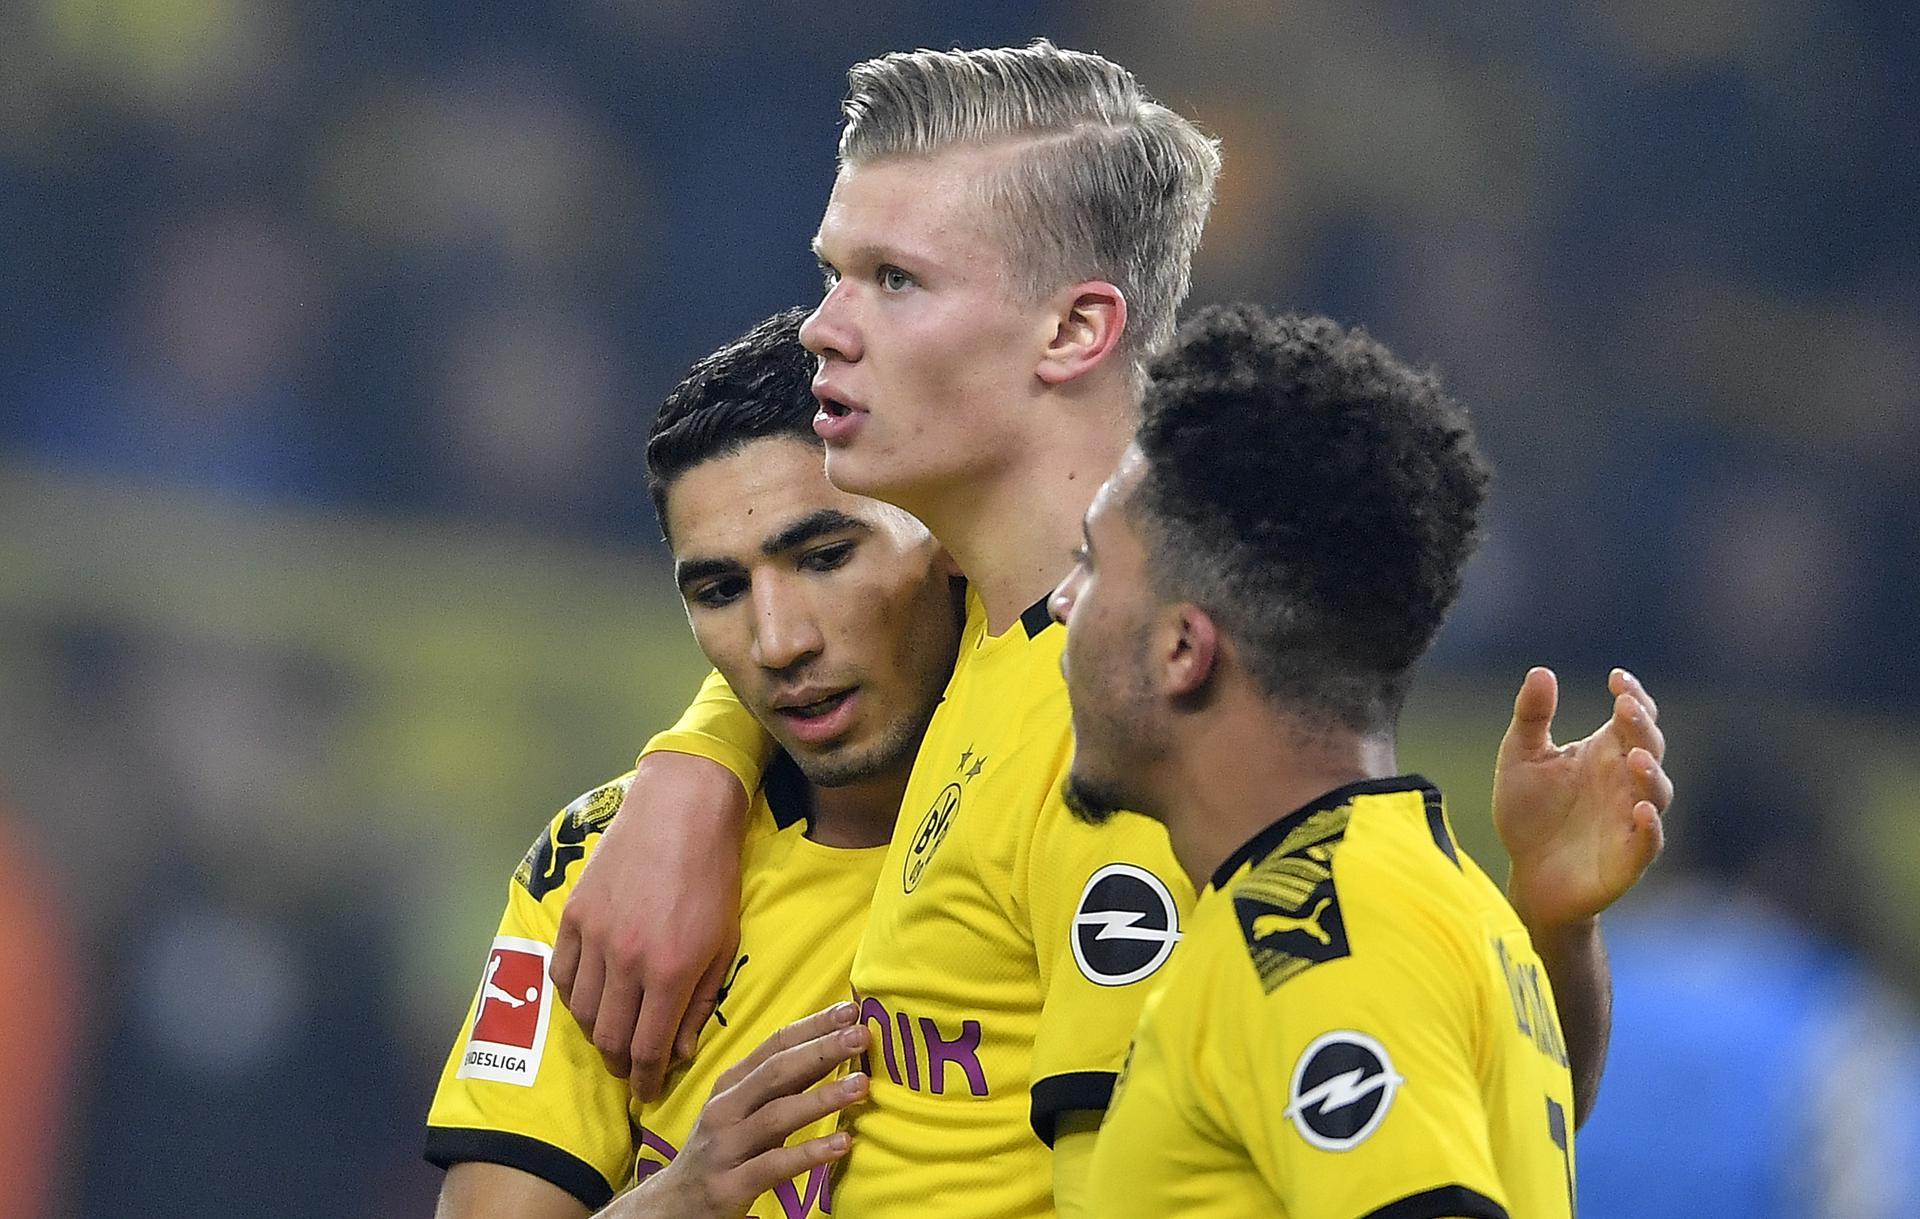 Borussia Dortmund - PSG gdzie obejrzeć mecz w TV. Borussia - PSG TV na jaki kanale. GDZIE OGLĄDAĆ Borussia - PSG w TV. Borussia - PSG TV STREAM ONLINE w Internecie - Super Express